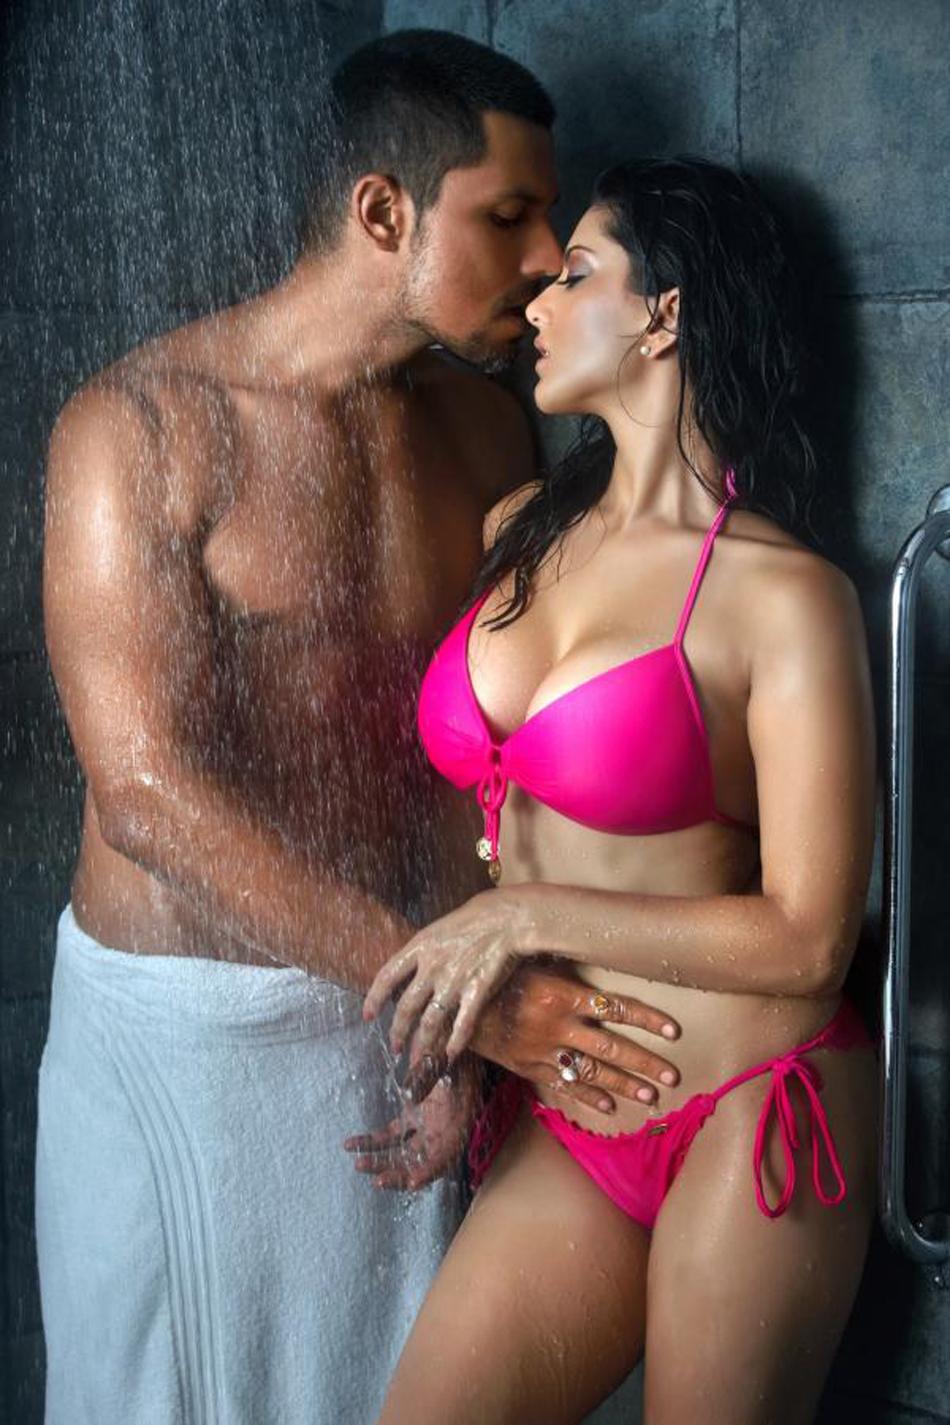 Porn Sexy Pic 71